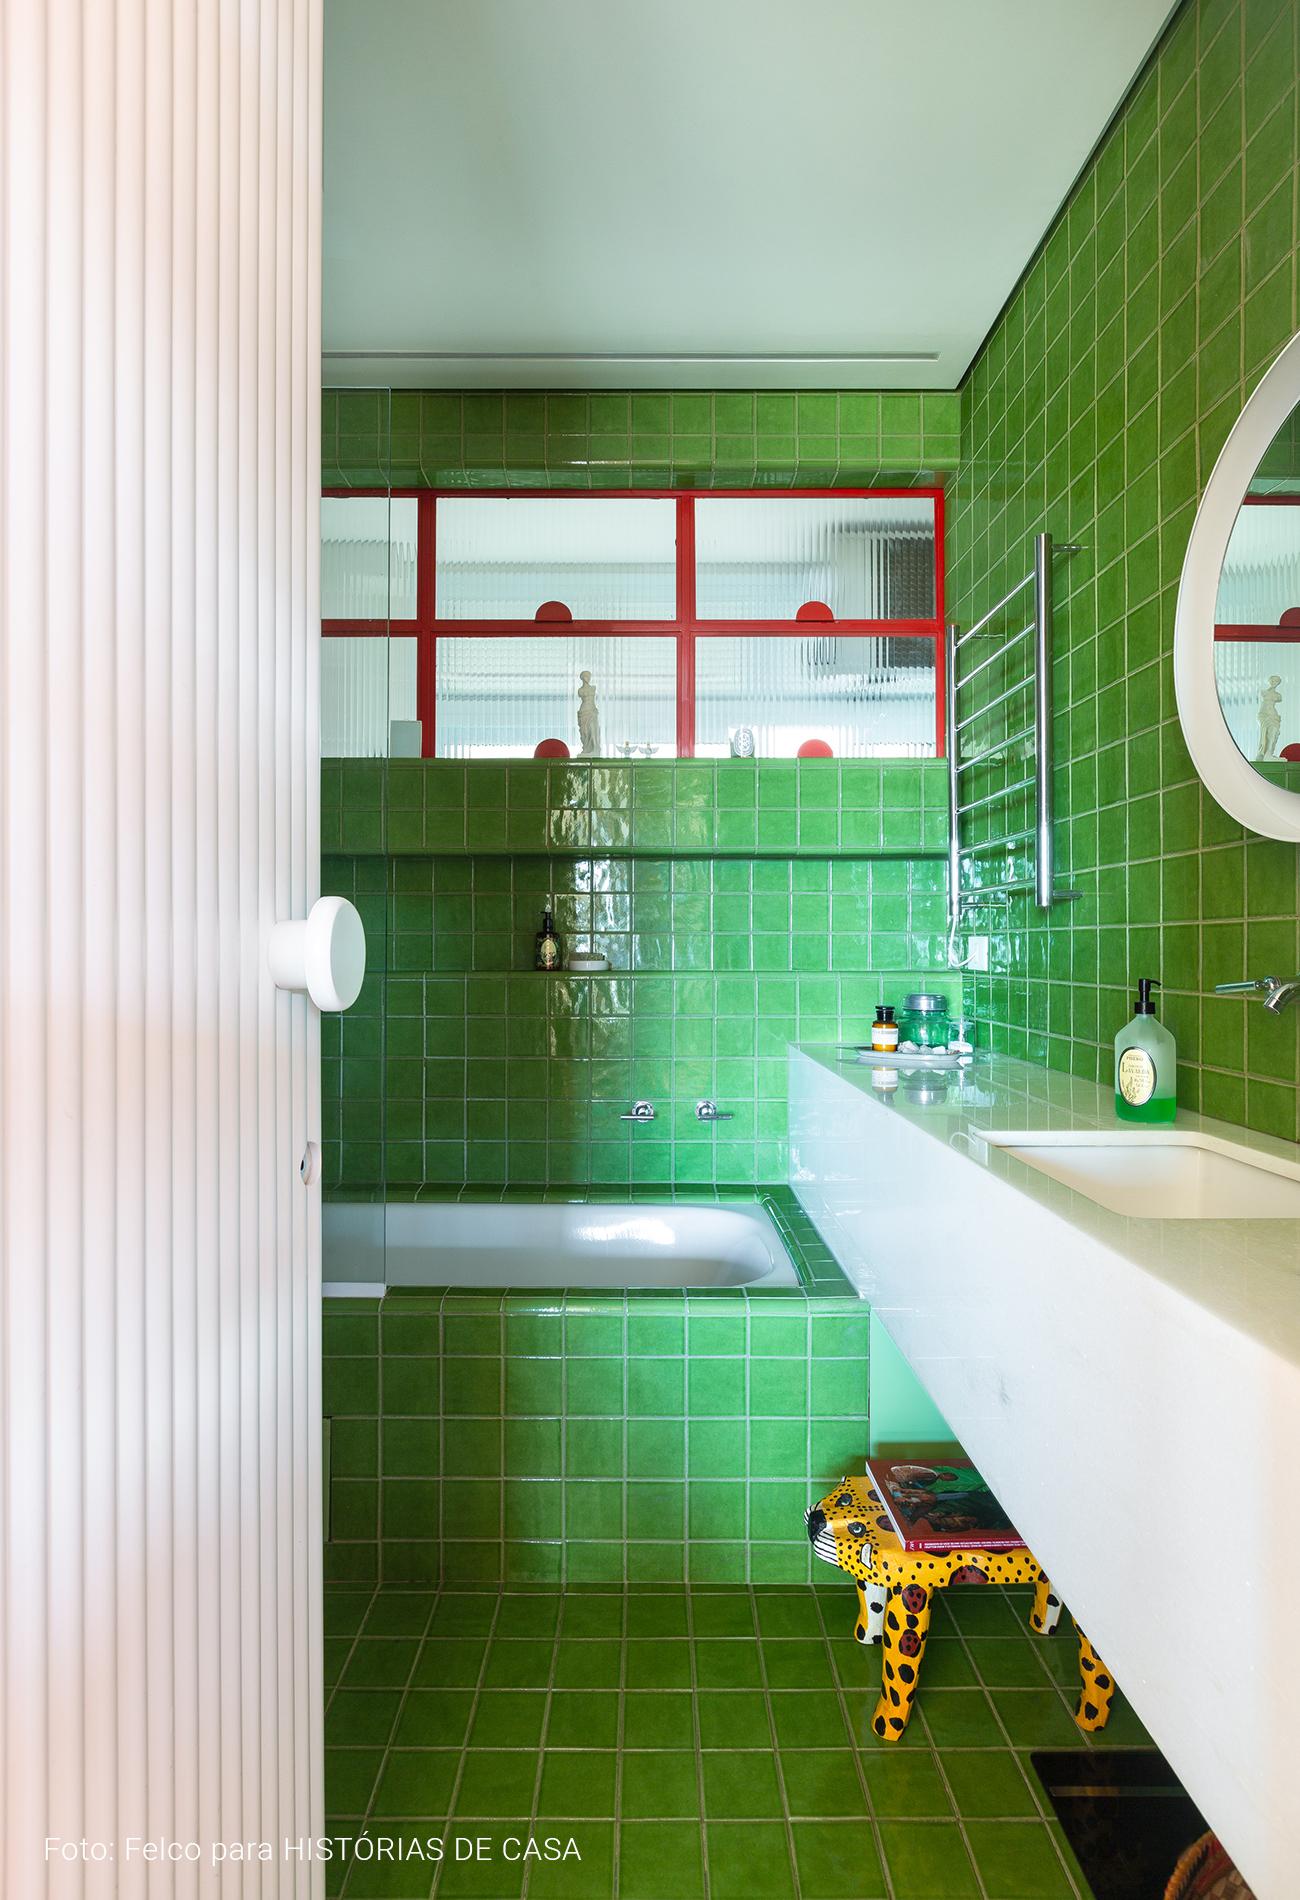 Banheiro com azulejos verdes e serralheria vermelha